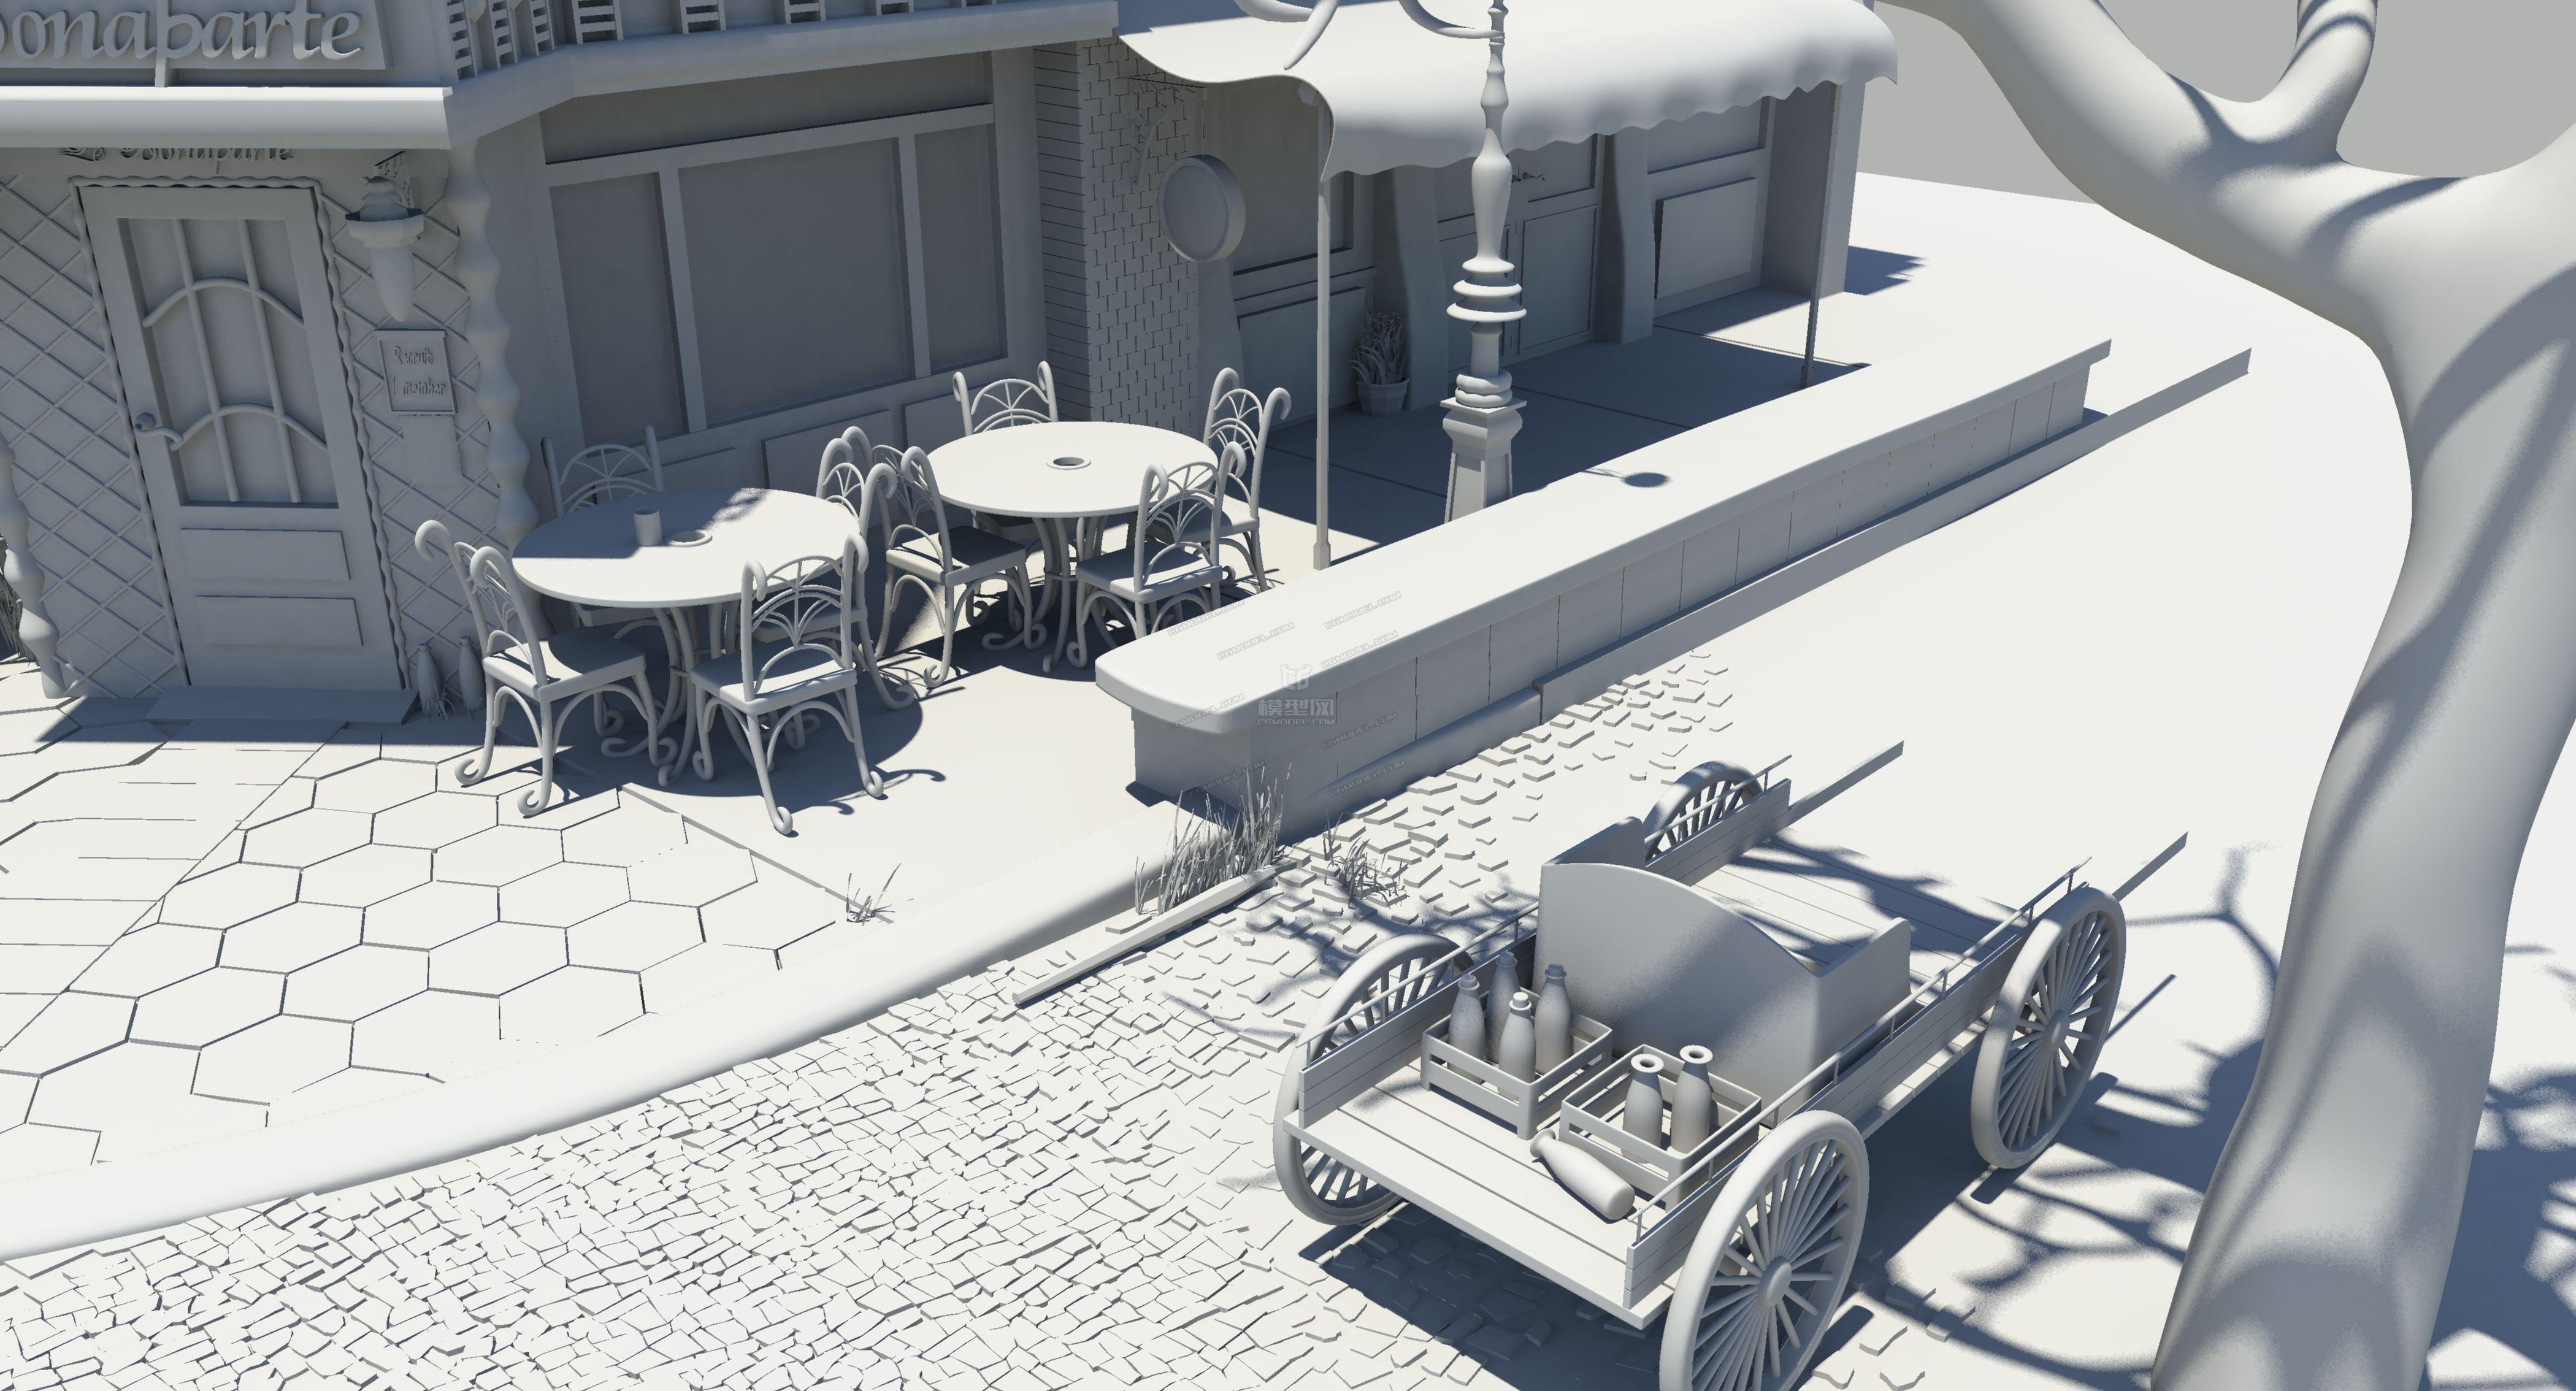 超写实场景模型 欧美风格 maya模型下载图片